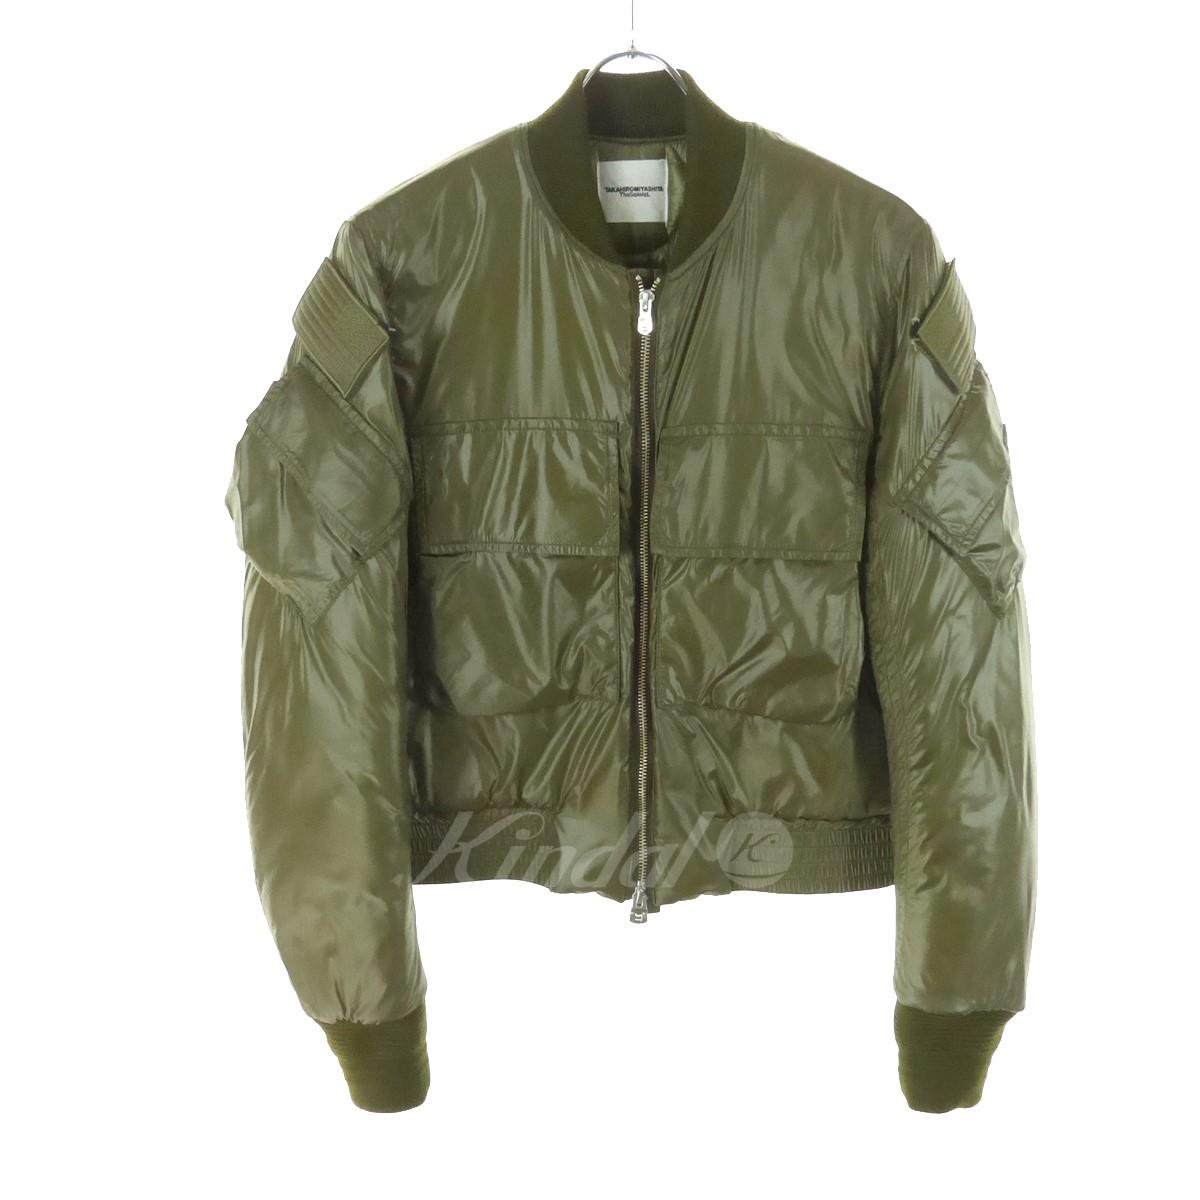 【中古】TAKAHIROMIYASHITA TheSoloIst. soloist flight jacket type2  17AW カーキ サイズ:46 【291118】(タカヒロミヤシタザソロイスト)